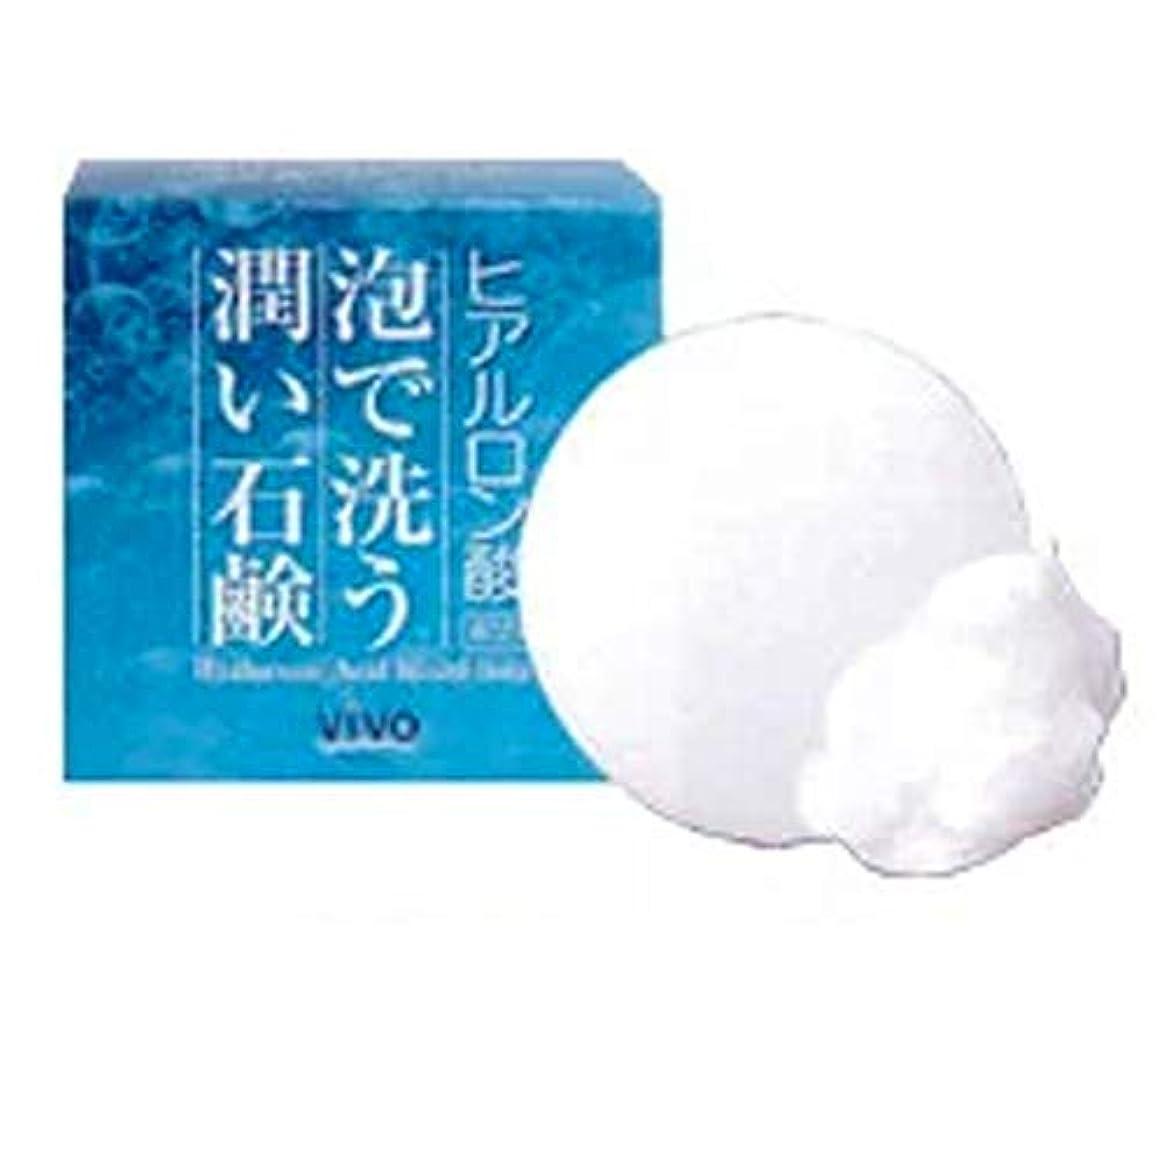 レディジャケット教育者Bella Vivo ヒアルロン酸洗顔石鹸 3個セット